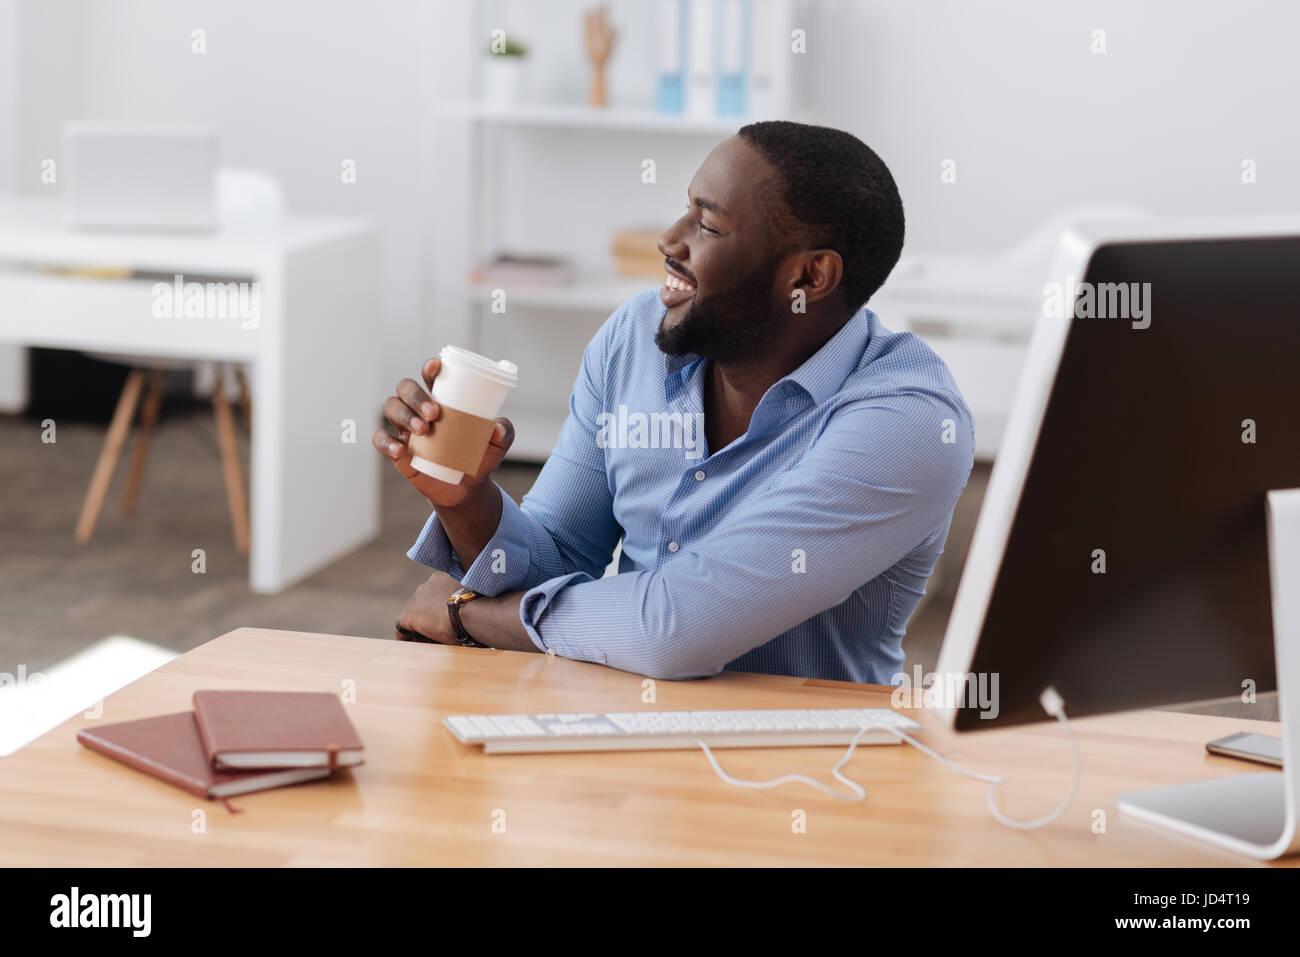 Felice l'uomo positivo tenendo una tazza di caffè Immagini Stock